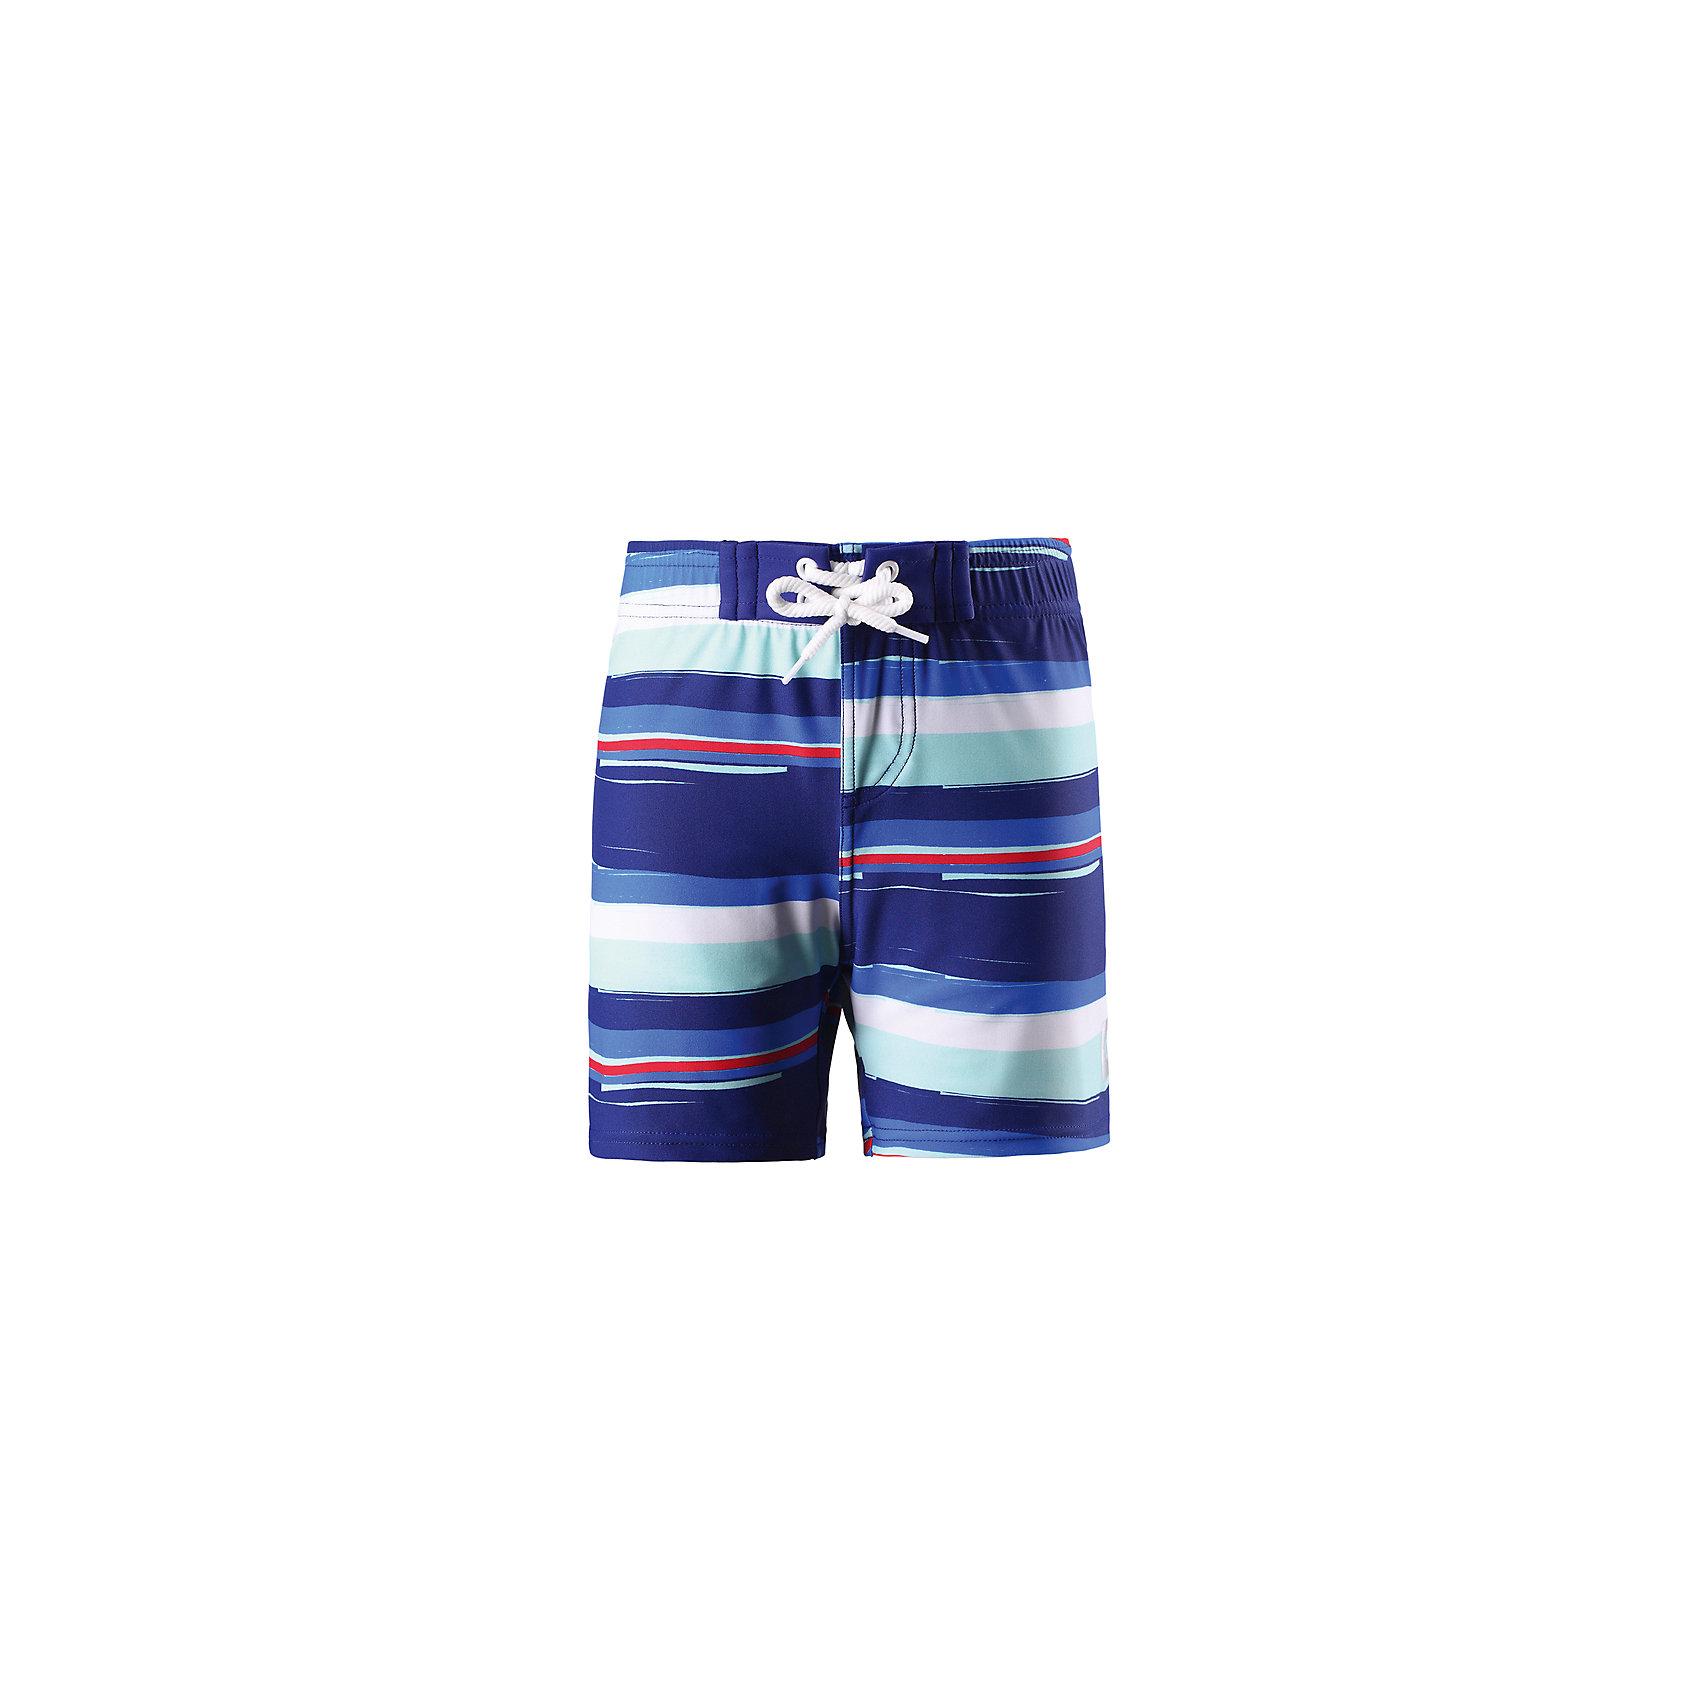 Шорты купальные Biitzi для мальчика ReimaОдежда<br>Характеристики товара:<br><br>• цвет: синий<br>• состав: 80% полиамид, 20% эластан<br>• фактор защиты от ультрафиолета: 50+<br>• для плавания и игр на пляже<br>• эластичная подкладка <br>• эластичный пояс<br>• декорированы принтом<br>• комфортная посадка<br>• страна производства: Китай<br>• страна бренда: Финляндия<br>• коллекция: весна-лето 2017<br><br>Одежда для купания может быть модной и комфортной одновременно! Удобные плавательные шорты SunProof помогут обеспечить ребенку комфорт - они не стесняют движения и обеспечивают защиту от ультрафиолета. Плавательные шорты сшиты из материала, который быстро сохнет. Модель стильно смотрится, отлично сочетается с различными головными уборами и обувью. Стильный дизайн разрабатывался специально для детей.<br><br>Одежда и обувь от финского бренда Reima пользуется популярностью во многих странах. Эти изделия стильные, качественные и удобные. Для производства продукции используются только безопасные, проверенные материалы и фурнитура. Порадуйте ребенка модными и красивыми вещами от Reima! <br><br>Шорты купальные для мальчика от финского бренда Reima (Рейма) можно купить в нашем интернет-магазине.<br><br>Ширина мм: 183<br>Глубина мм: 60<br>Высота мм: 135<br>Вес г: 119<br>Цвет: синий<br>Возраст от месяцев: 60<br>Возраст до месяцев: 72<br>Пол: Мужской<br>Возраст: Детский<br>Размер: 116,122,104,128,134,140,92,98,110<br>SKU: 5266567